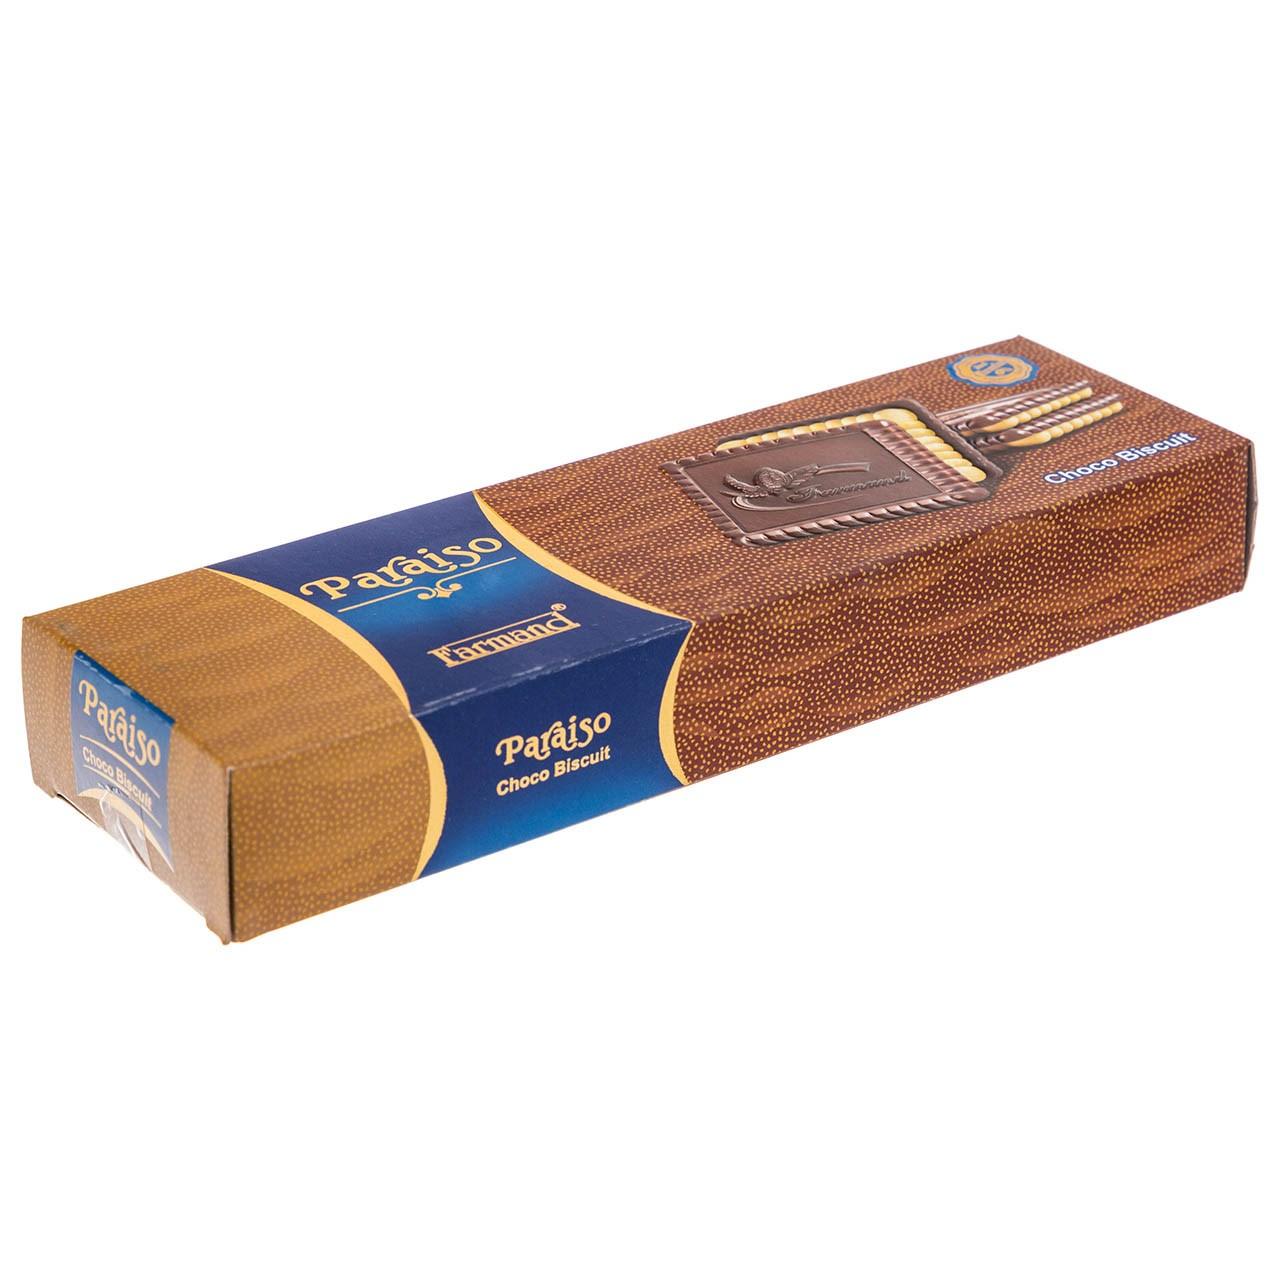 بیسکوئیت شکلاتی فرمند سری پارایسو مقدار 125 گرم